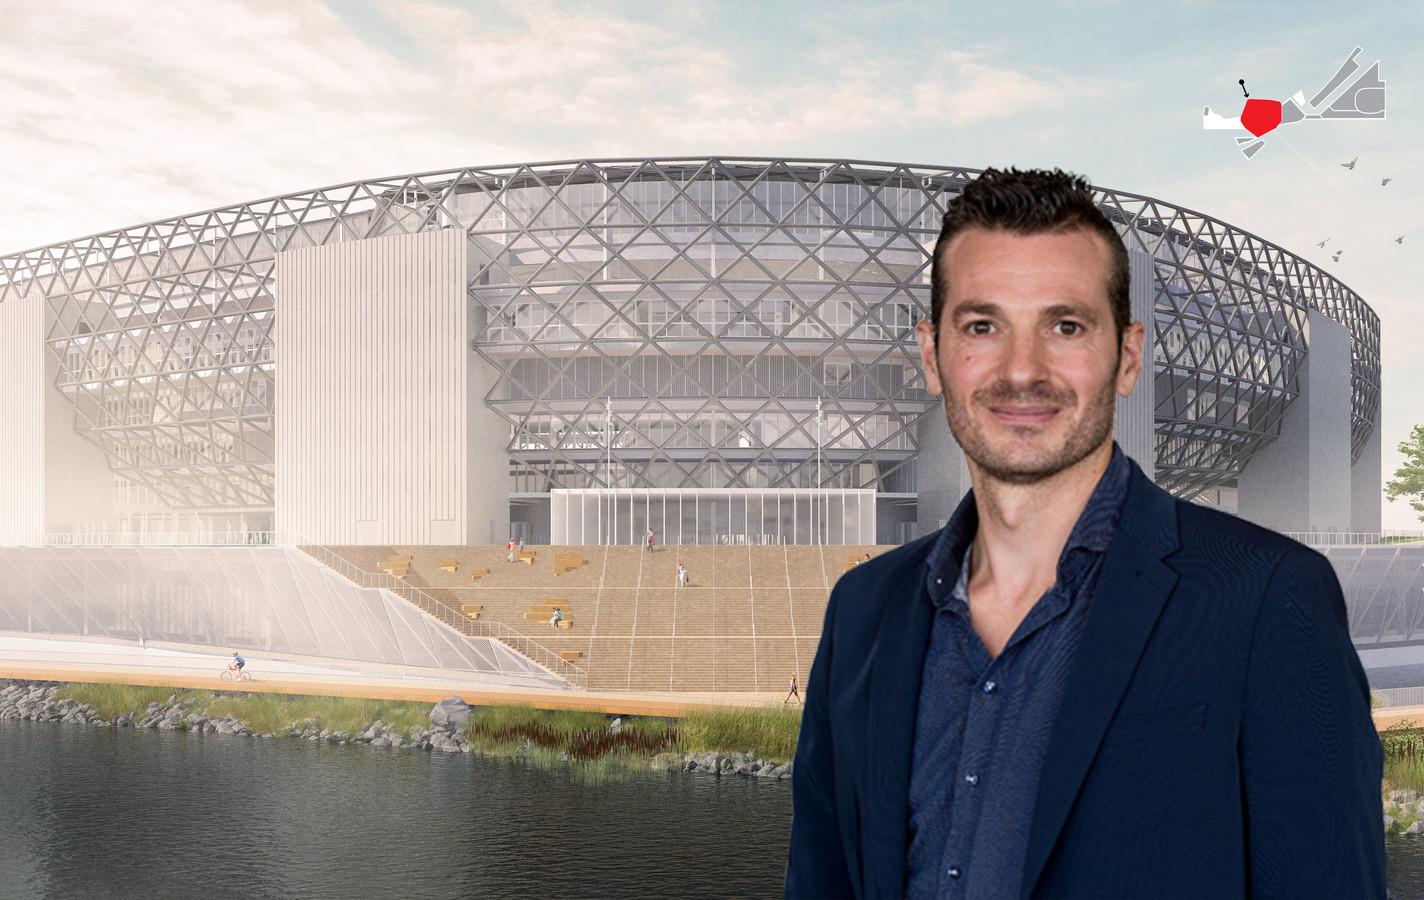 Impressie van het beoogde stadion op de zuidoever van de Nieuwe Maas.